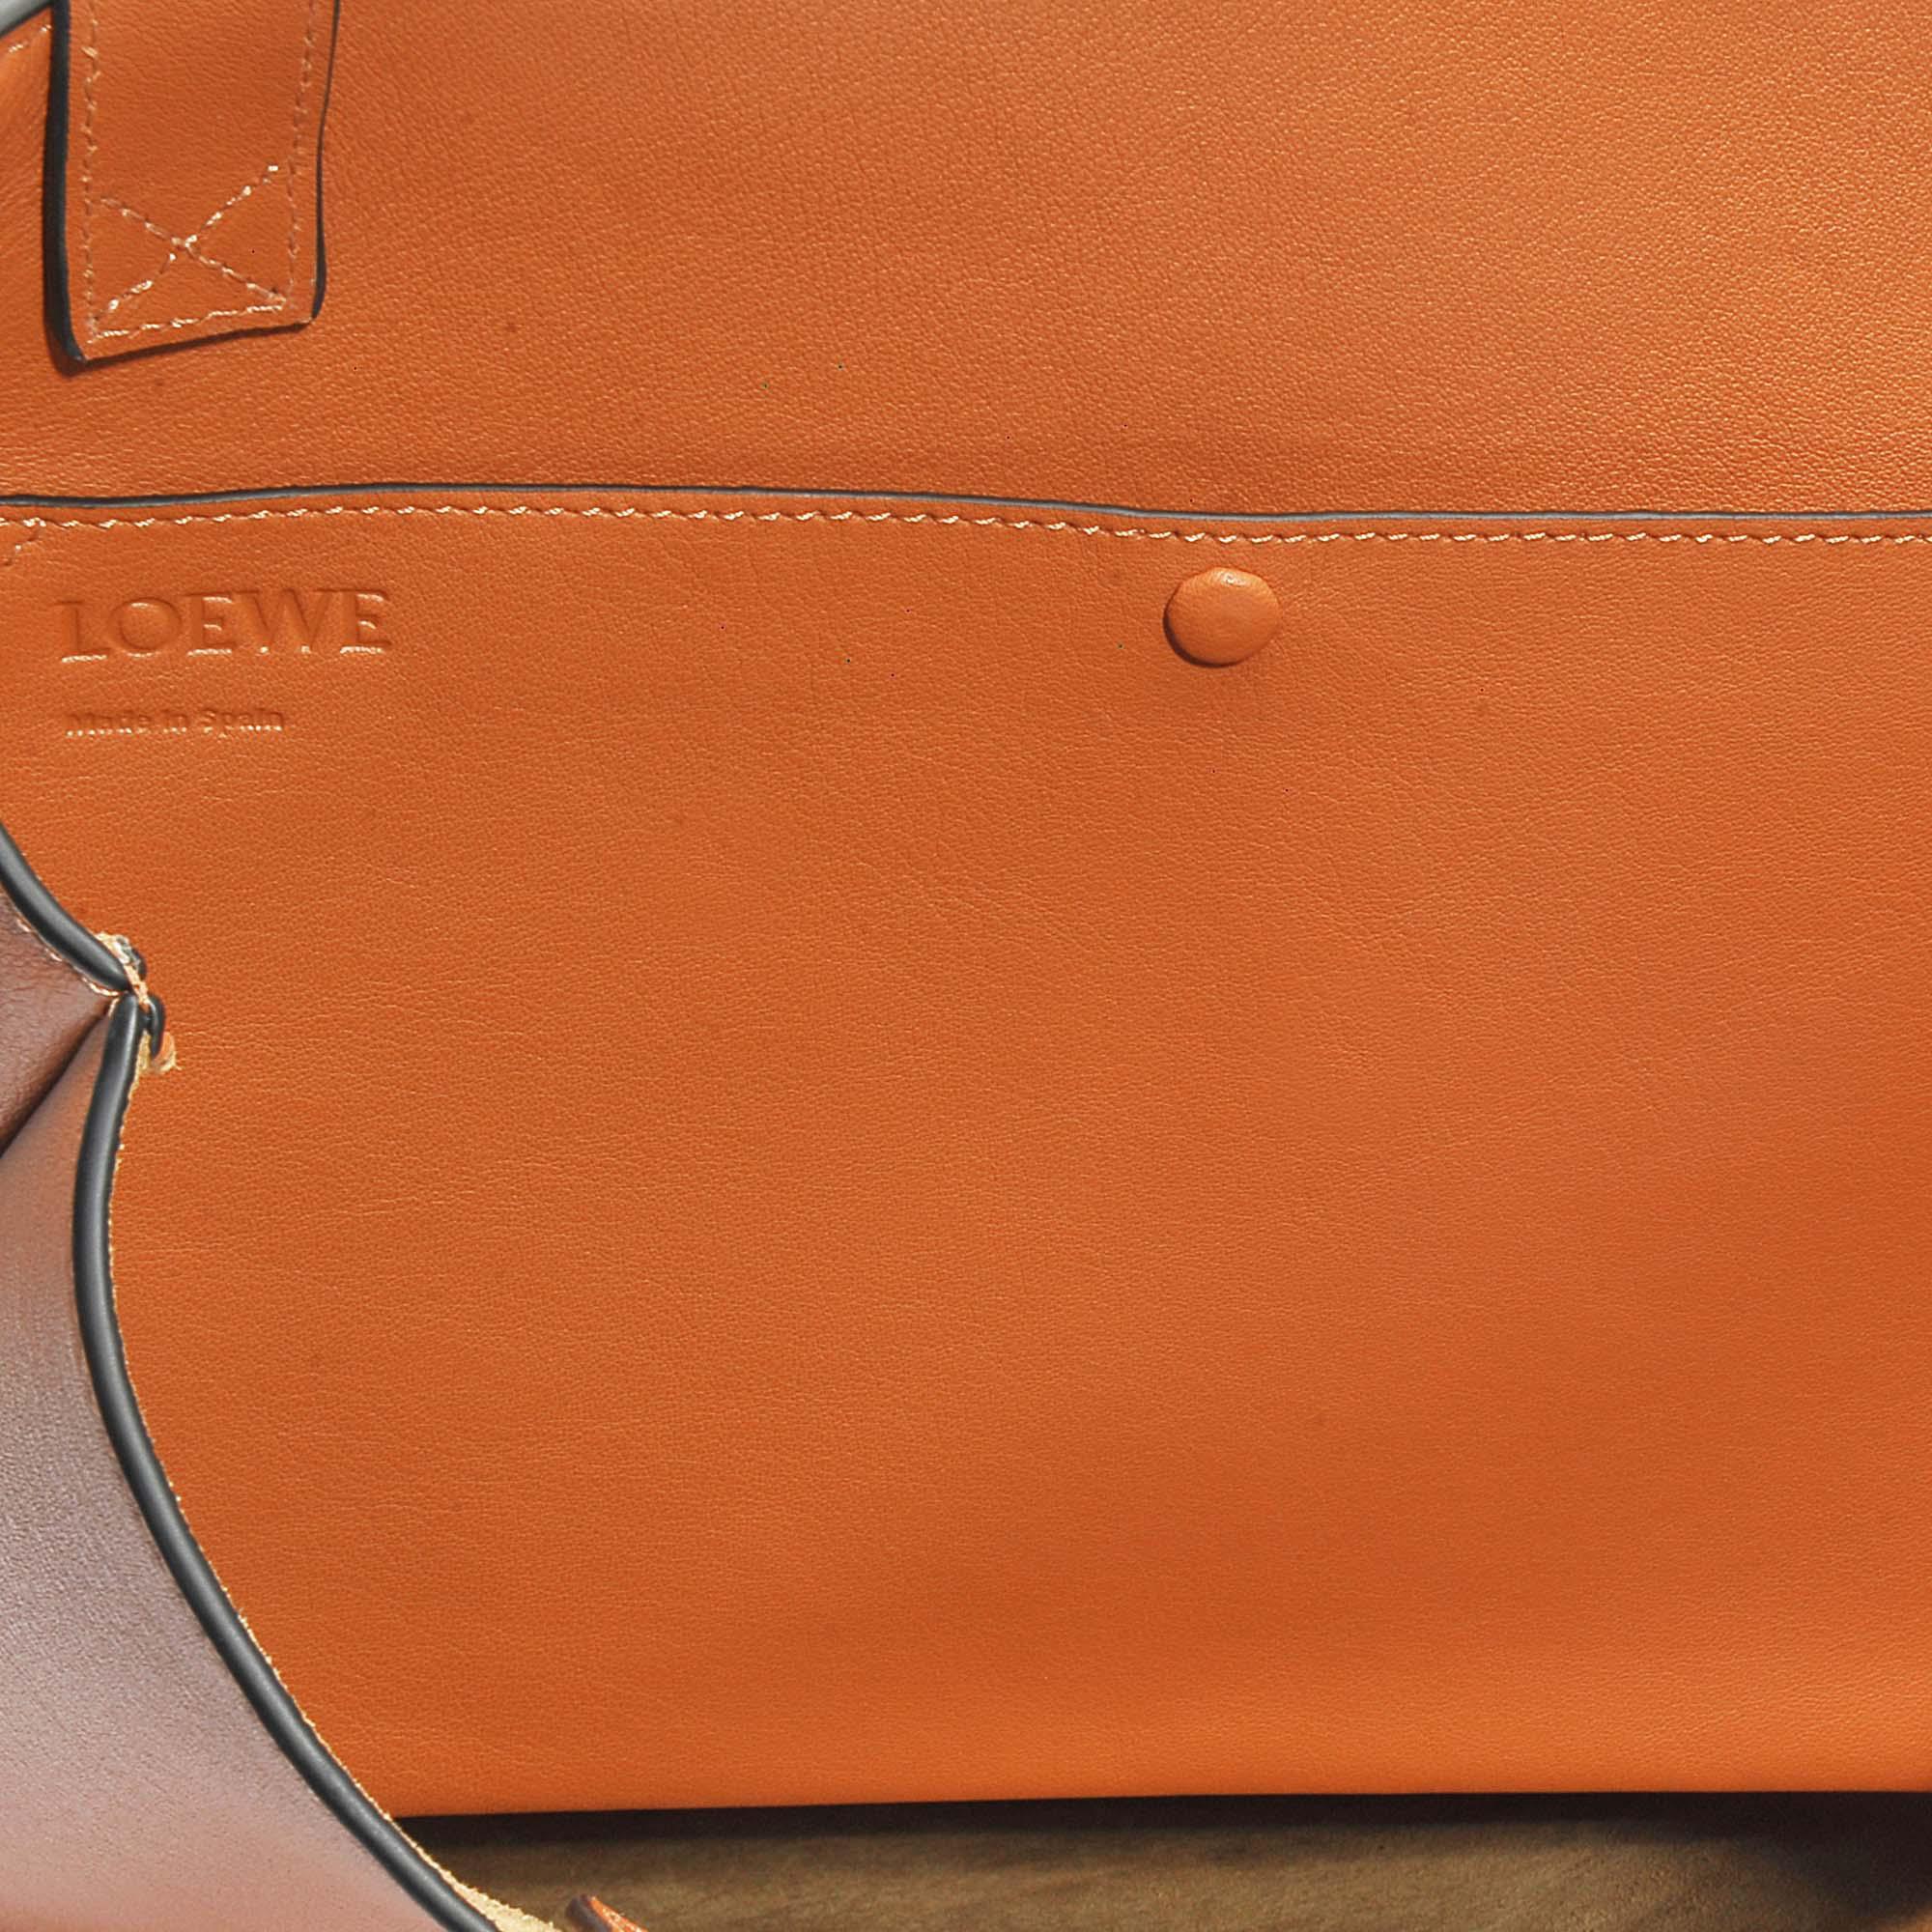 Vertical Tote Cat Bag in Tan and White Classic Calf Loewe 0iqpp4J